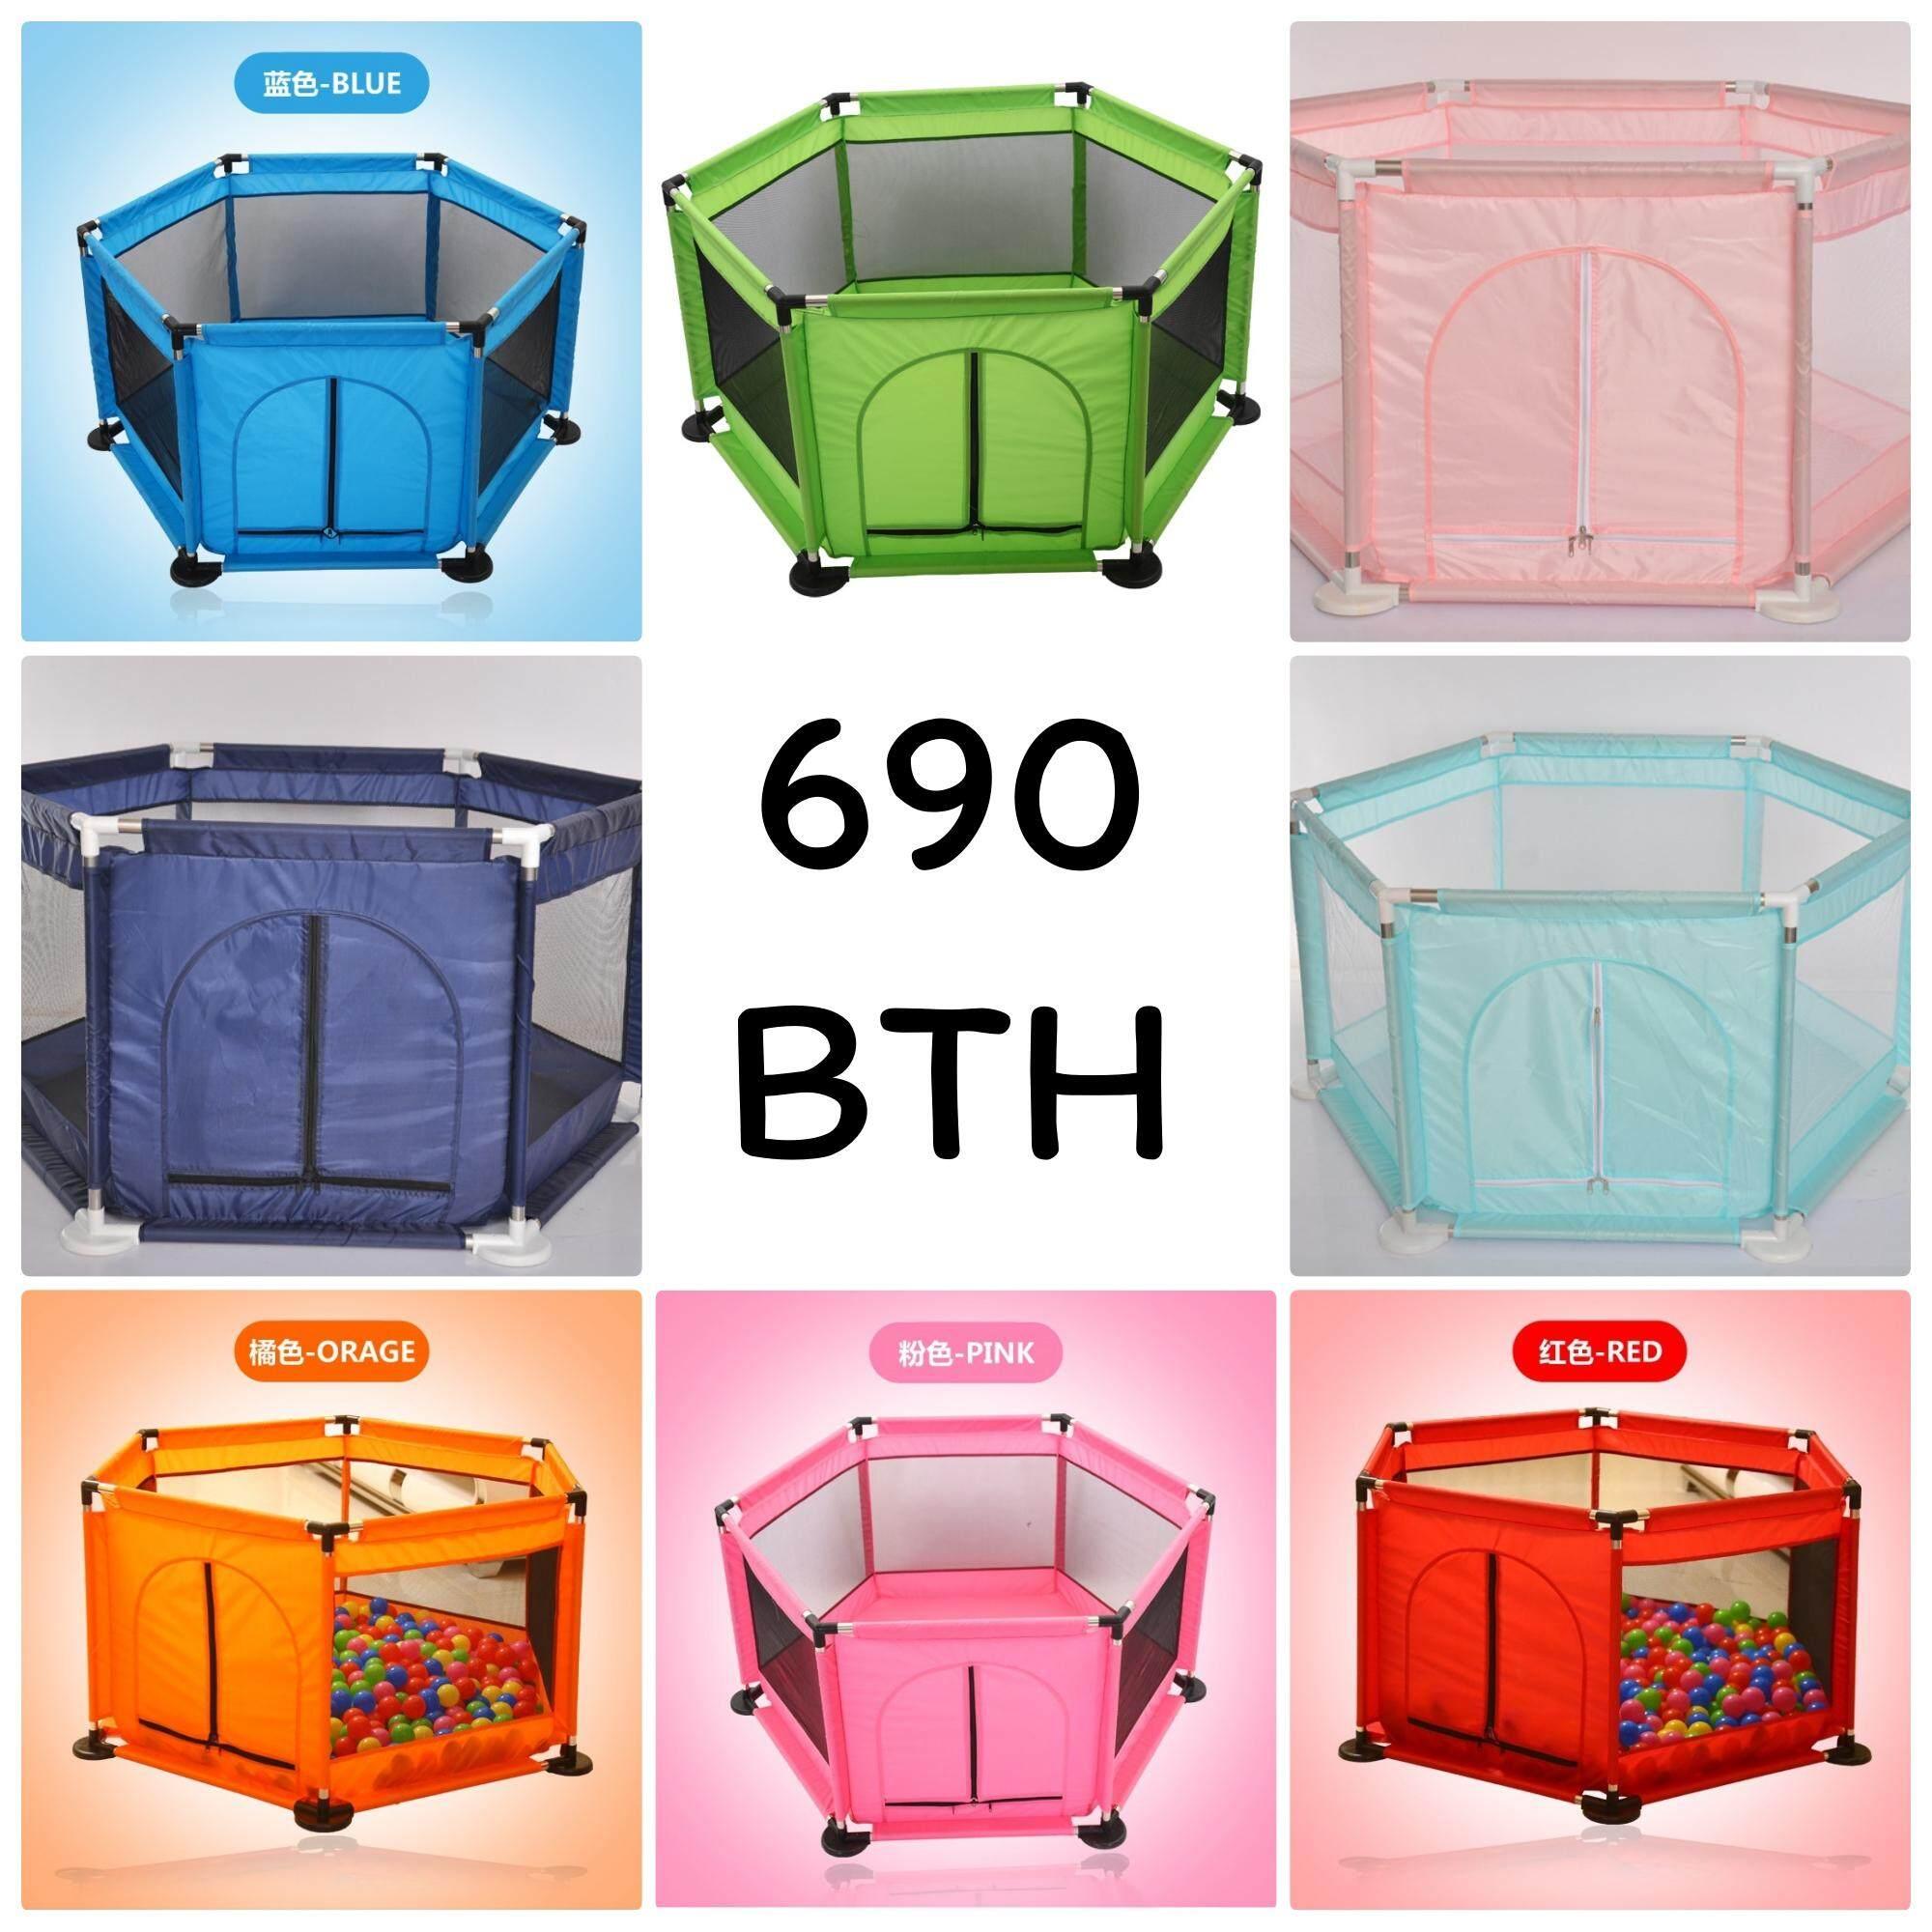 โปรโมชั่น ถูกที่สุดเพียง 690 บาท คอกกั้นเด็ก บ่อบอล PLAYPEN 6 เหลี่ยม 6 ด้าน (HEXAGON BABY'S PLAYPEN) รุ่นประหยัด